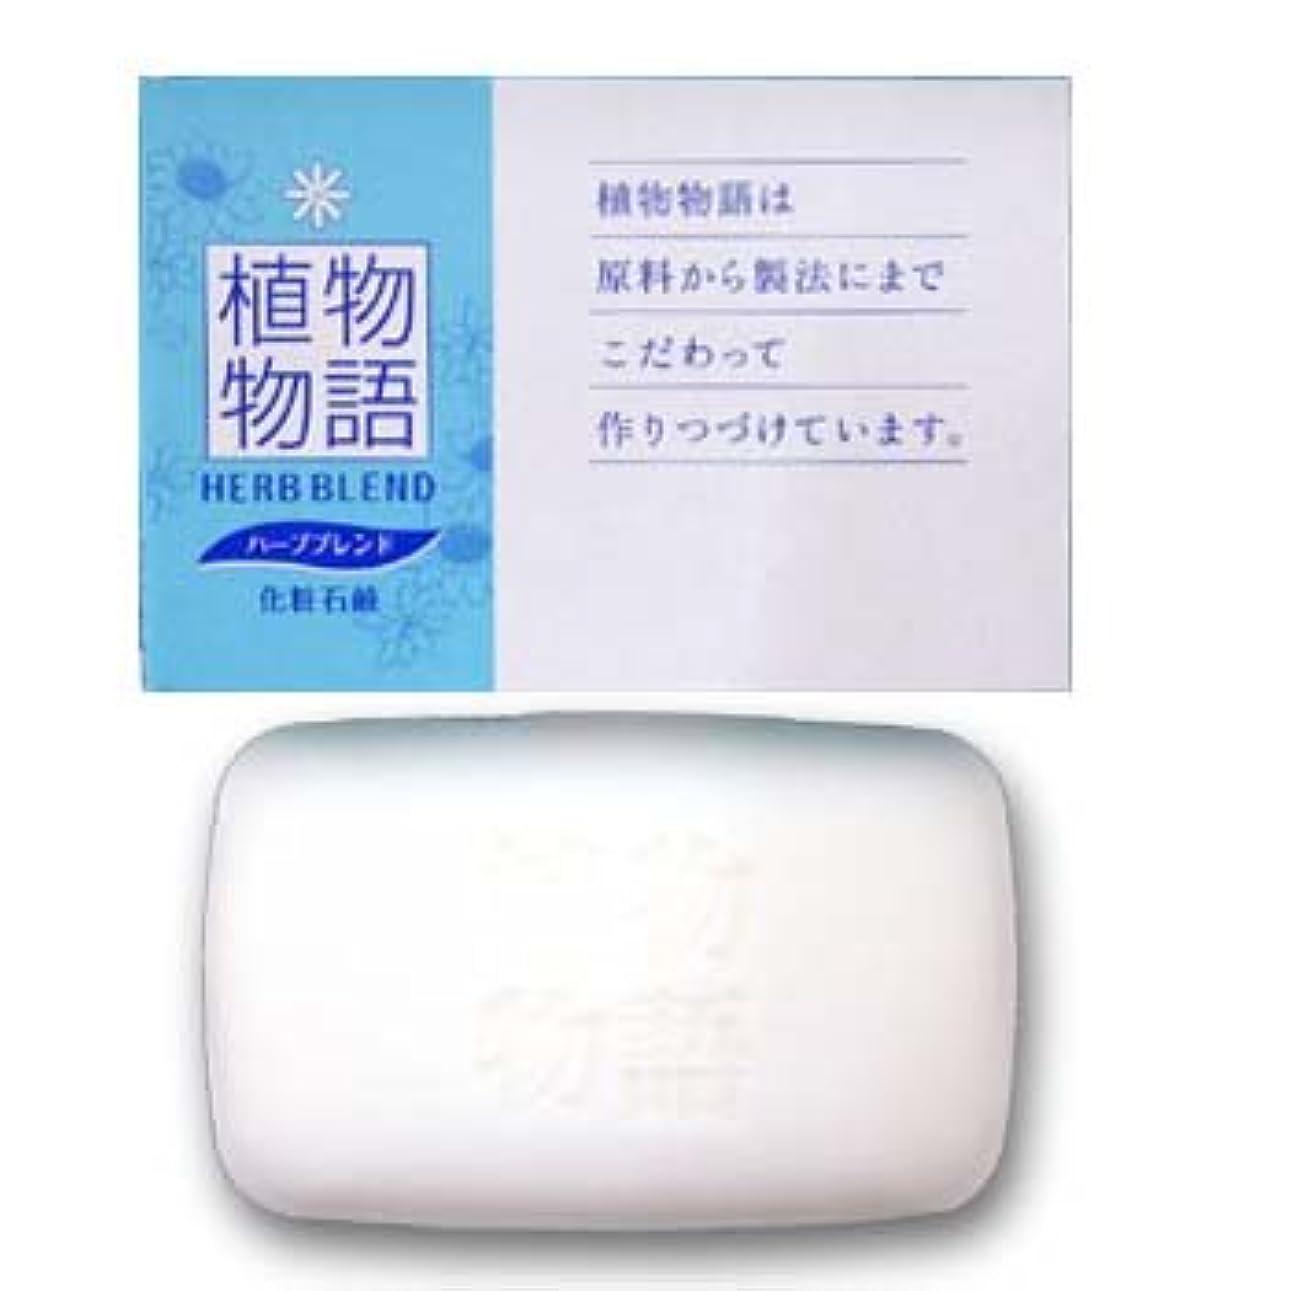 指標継続中脱獄LION 植物物語石鹸80g化粧箱入(1セット100個入)